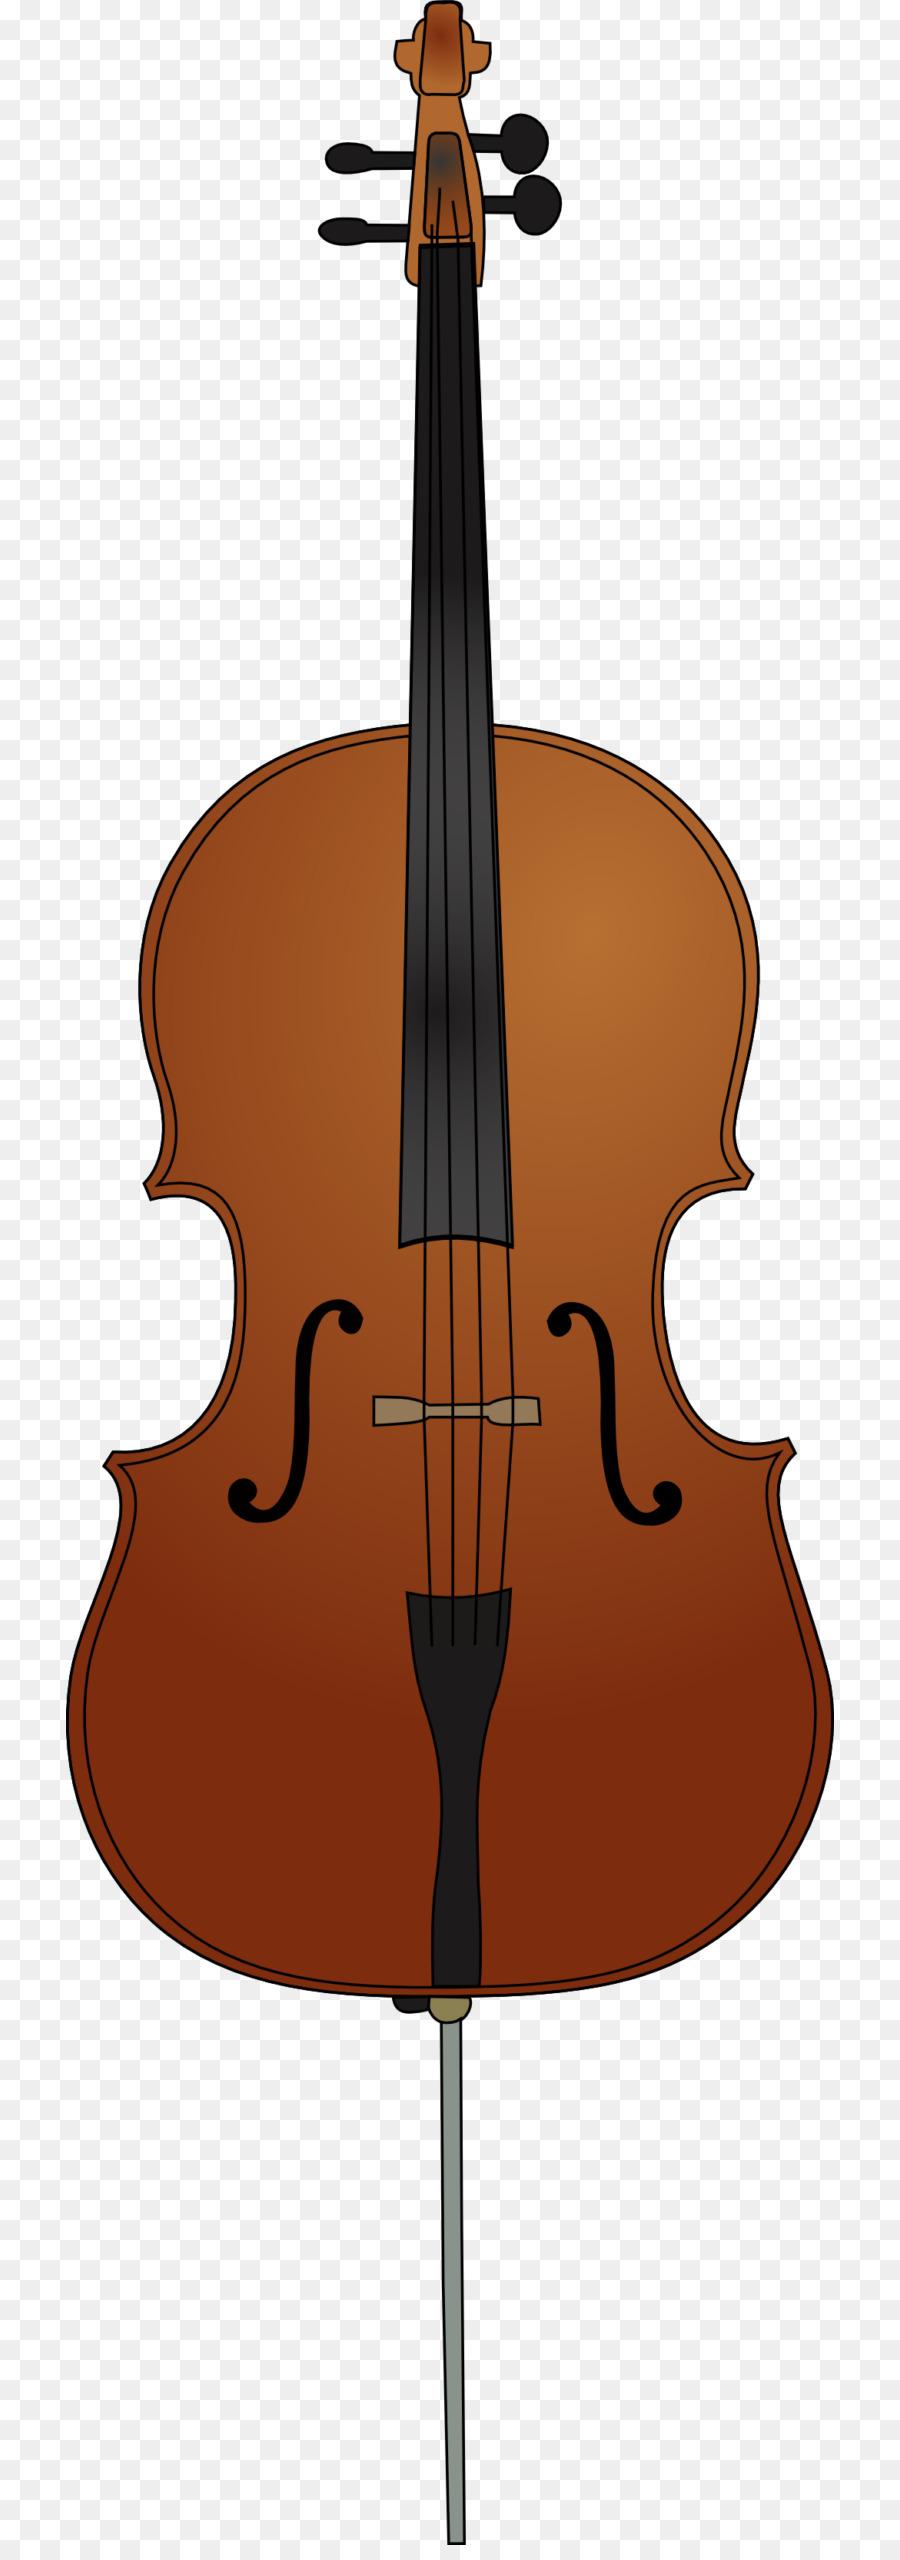 Violin Cartoon Clipart Violin Art Transparent Clip Art